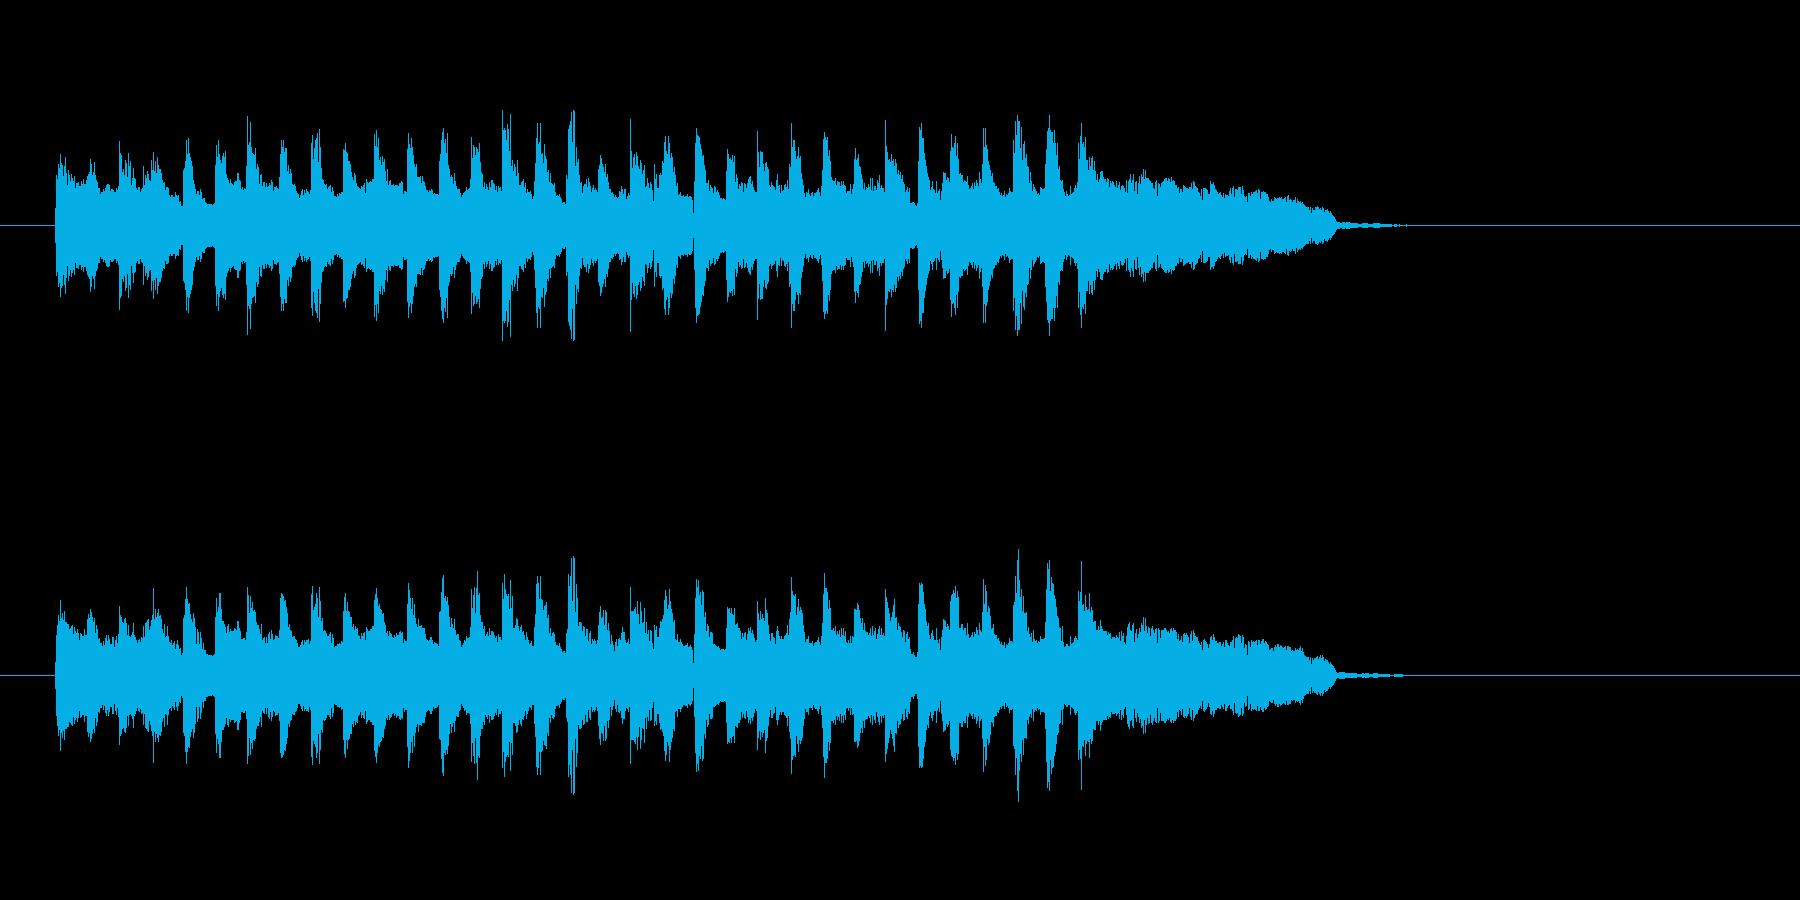 コミカル シンセサイザー ほのぼのの再生済みの波形